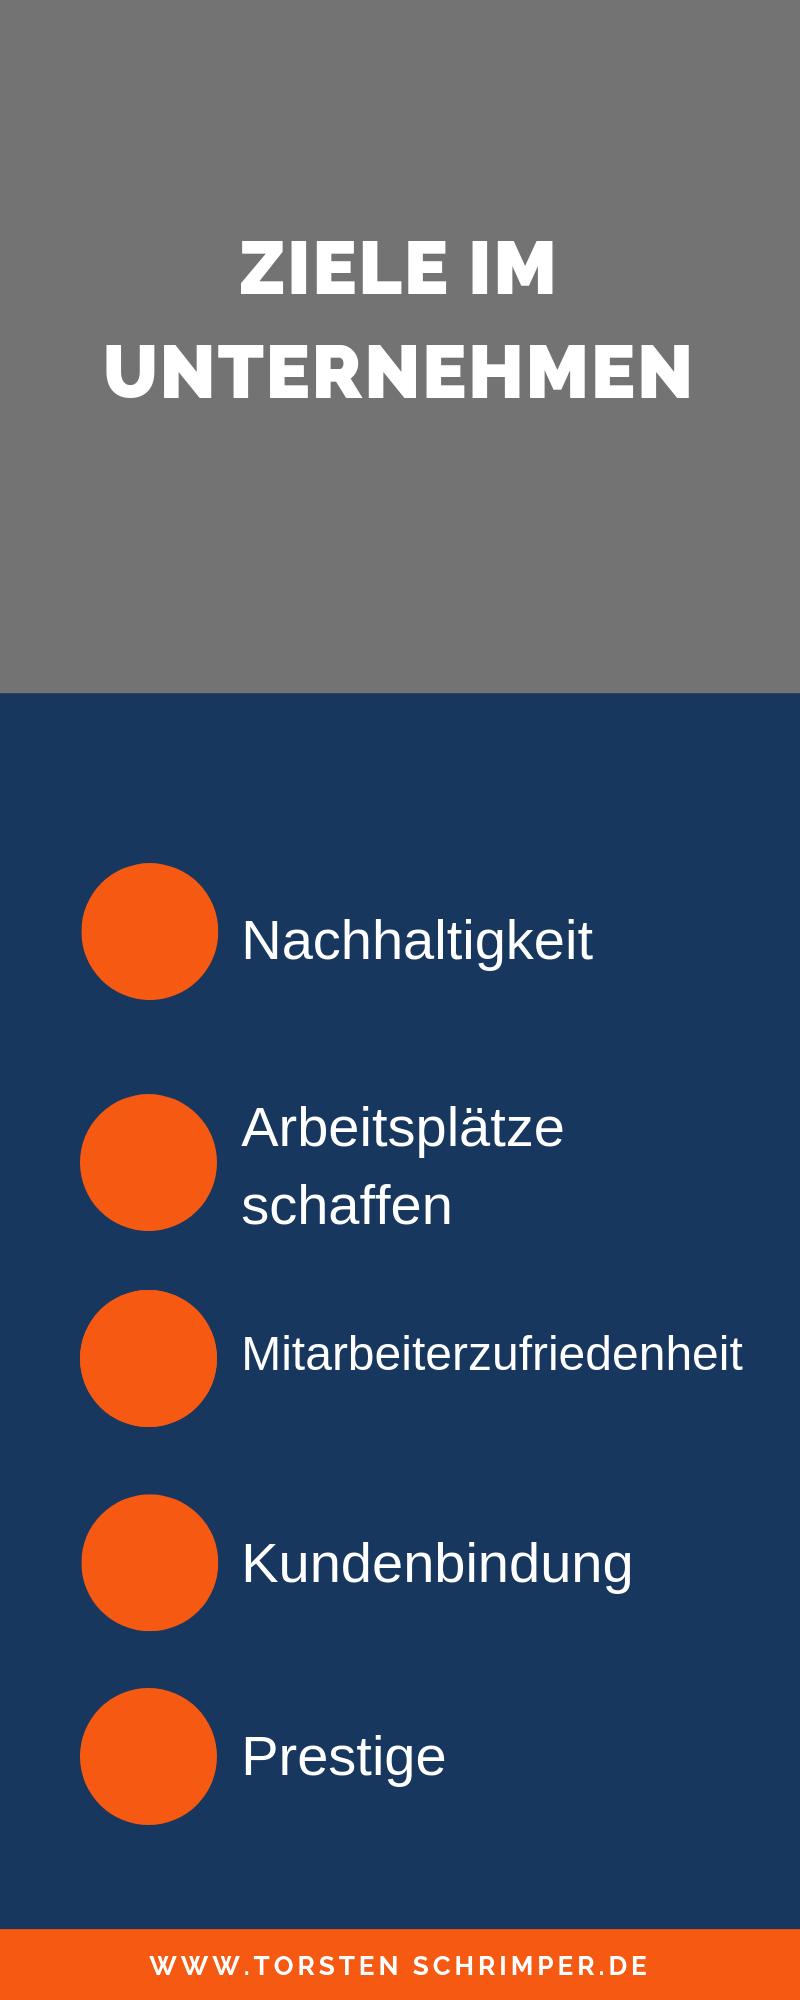 Weitere_Ziele_im_Unternehmen_Unternehmensberatung Essen